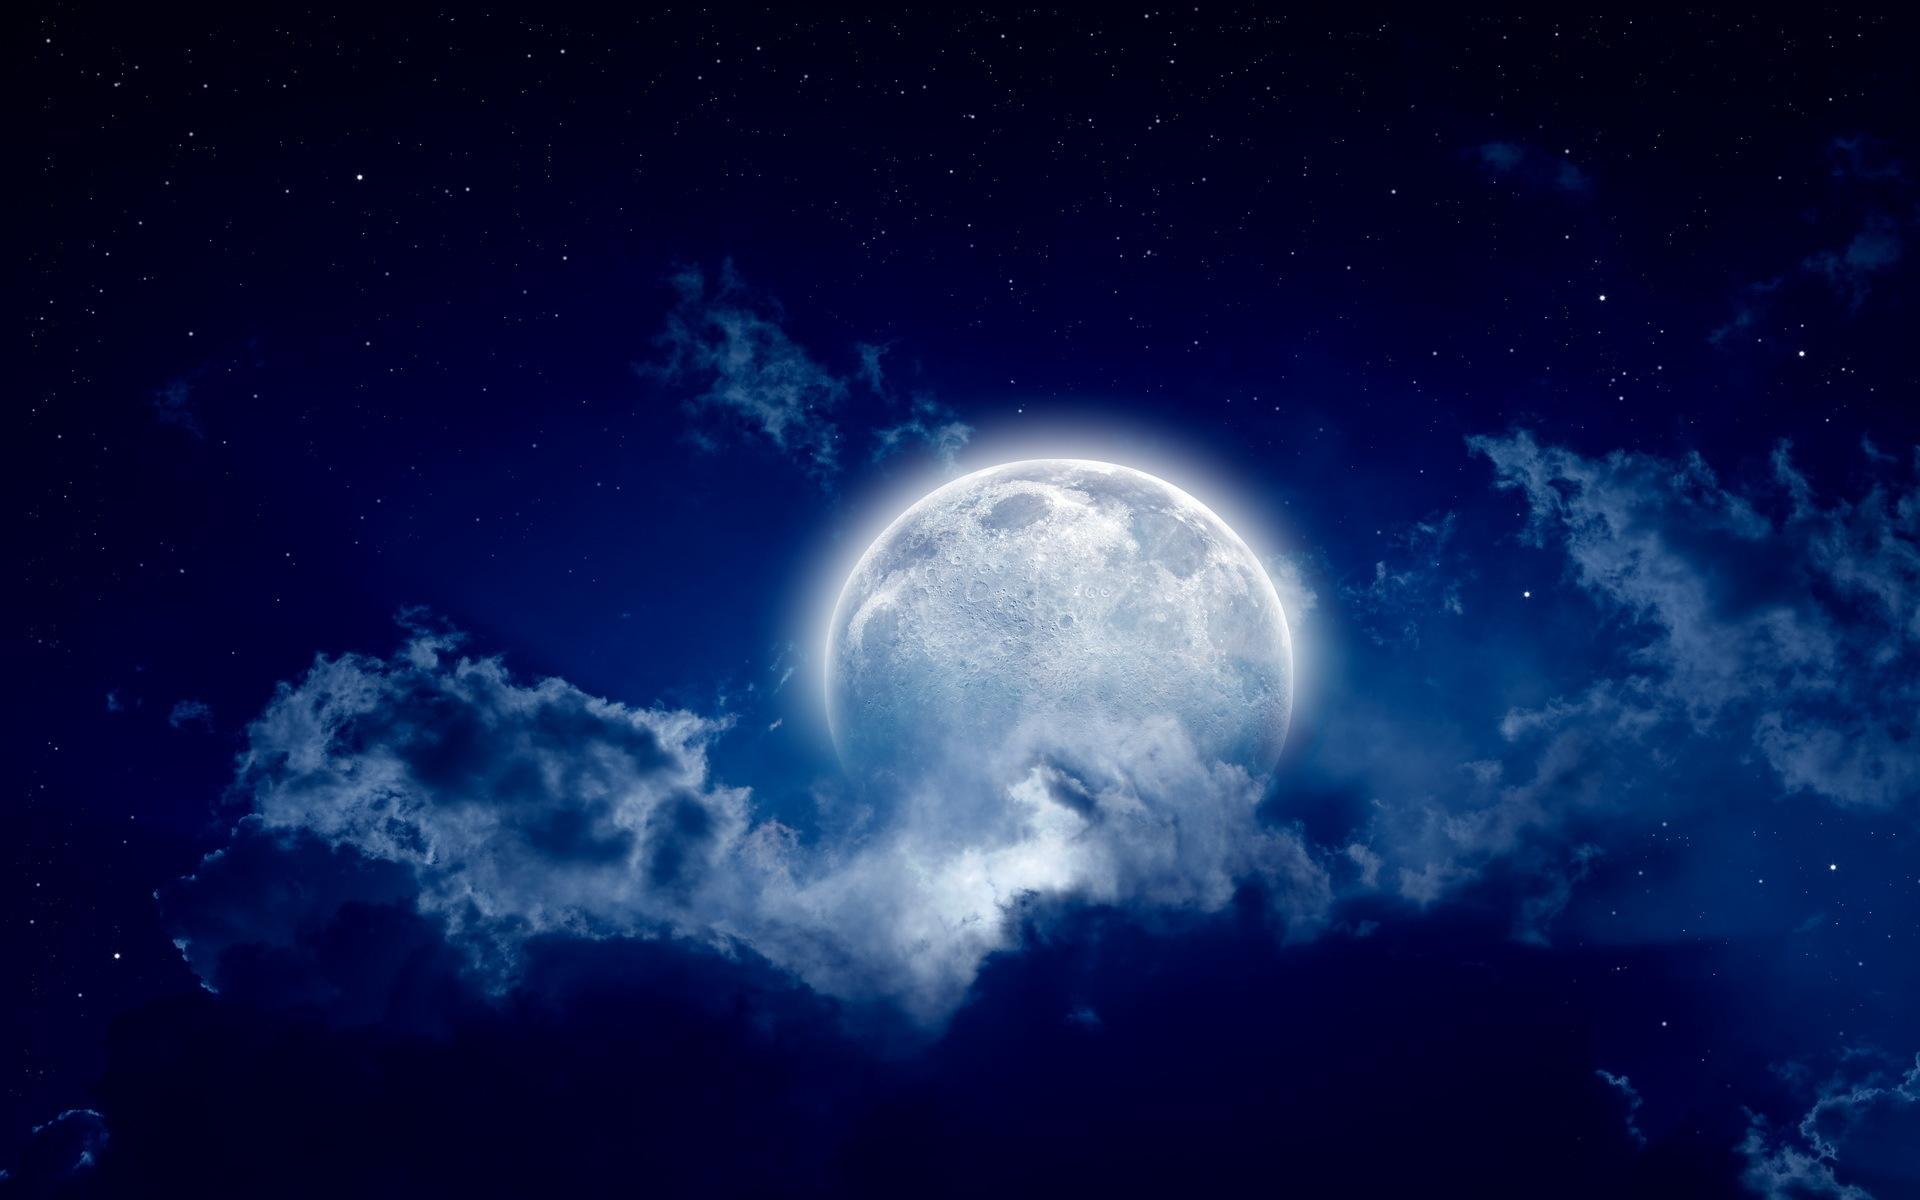 Цветные, картинка с луной